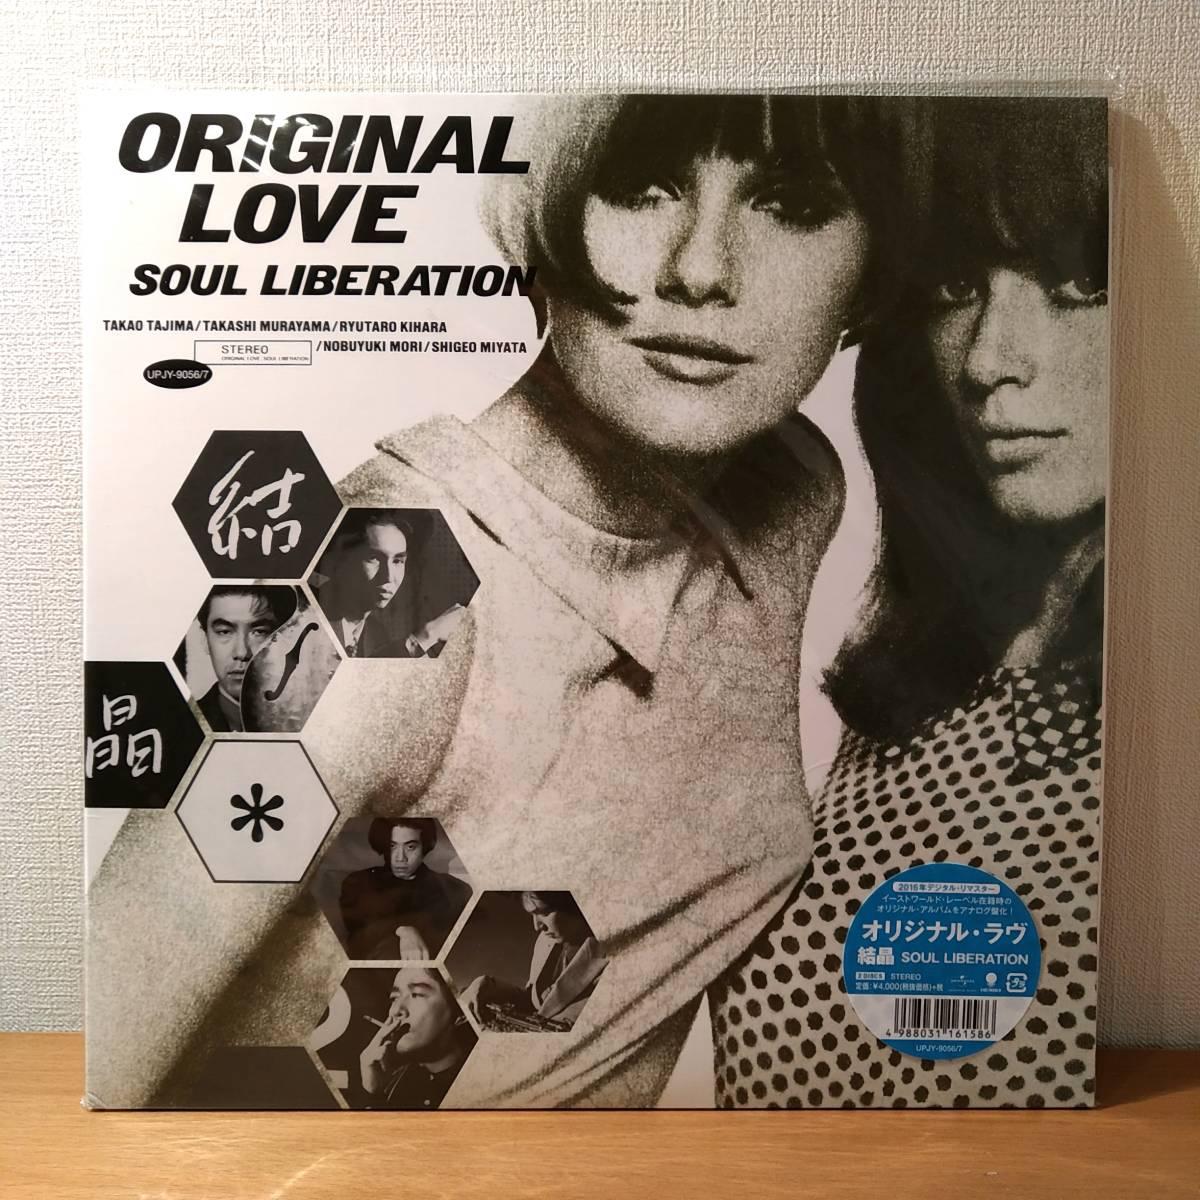 オリジナル・ラヴ / 結晶 -SOUL LIBERATION- [ アナログ レコード LP ] 田島貴男